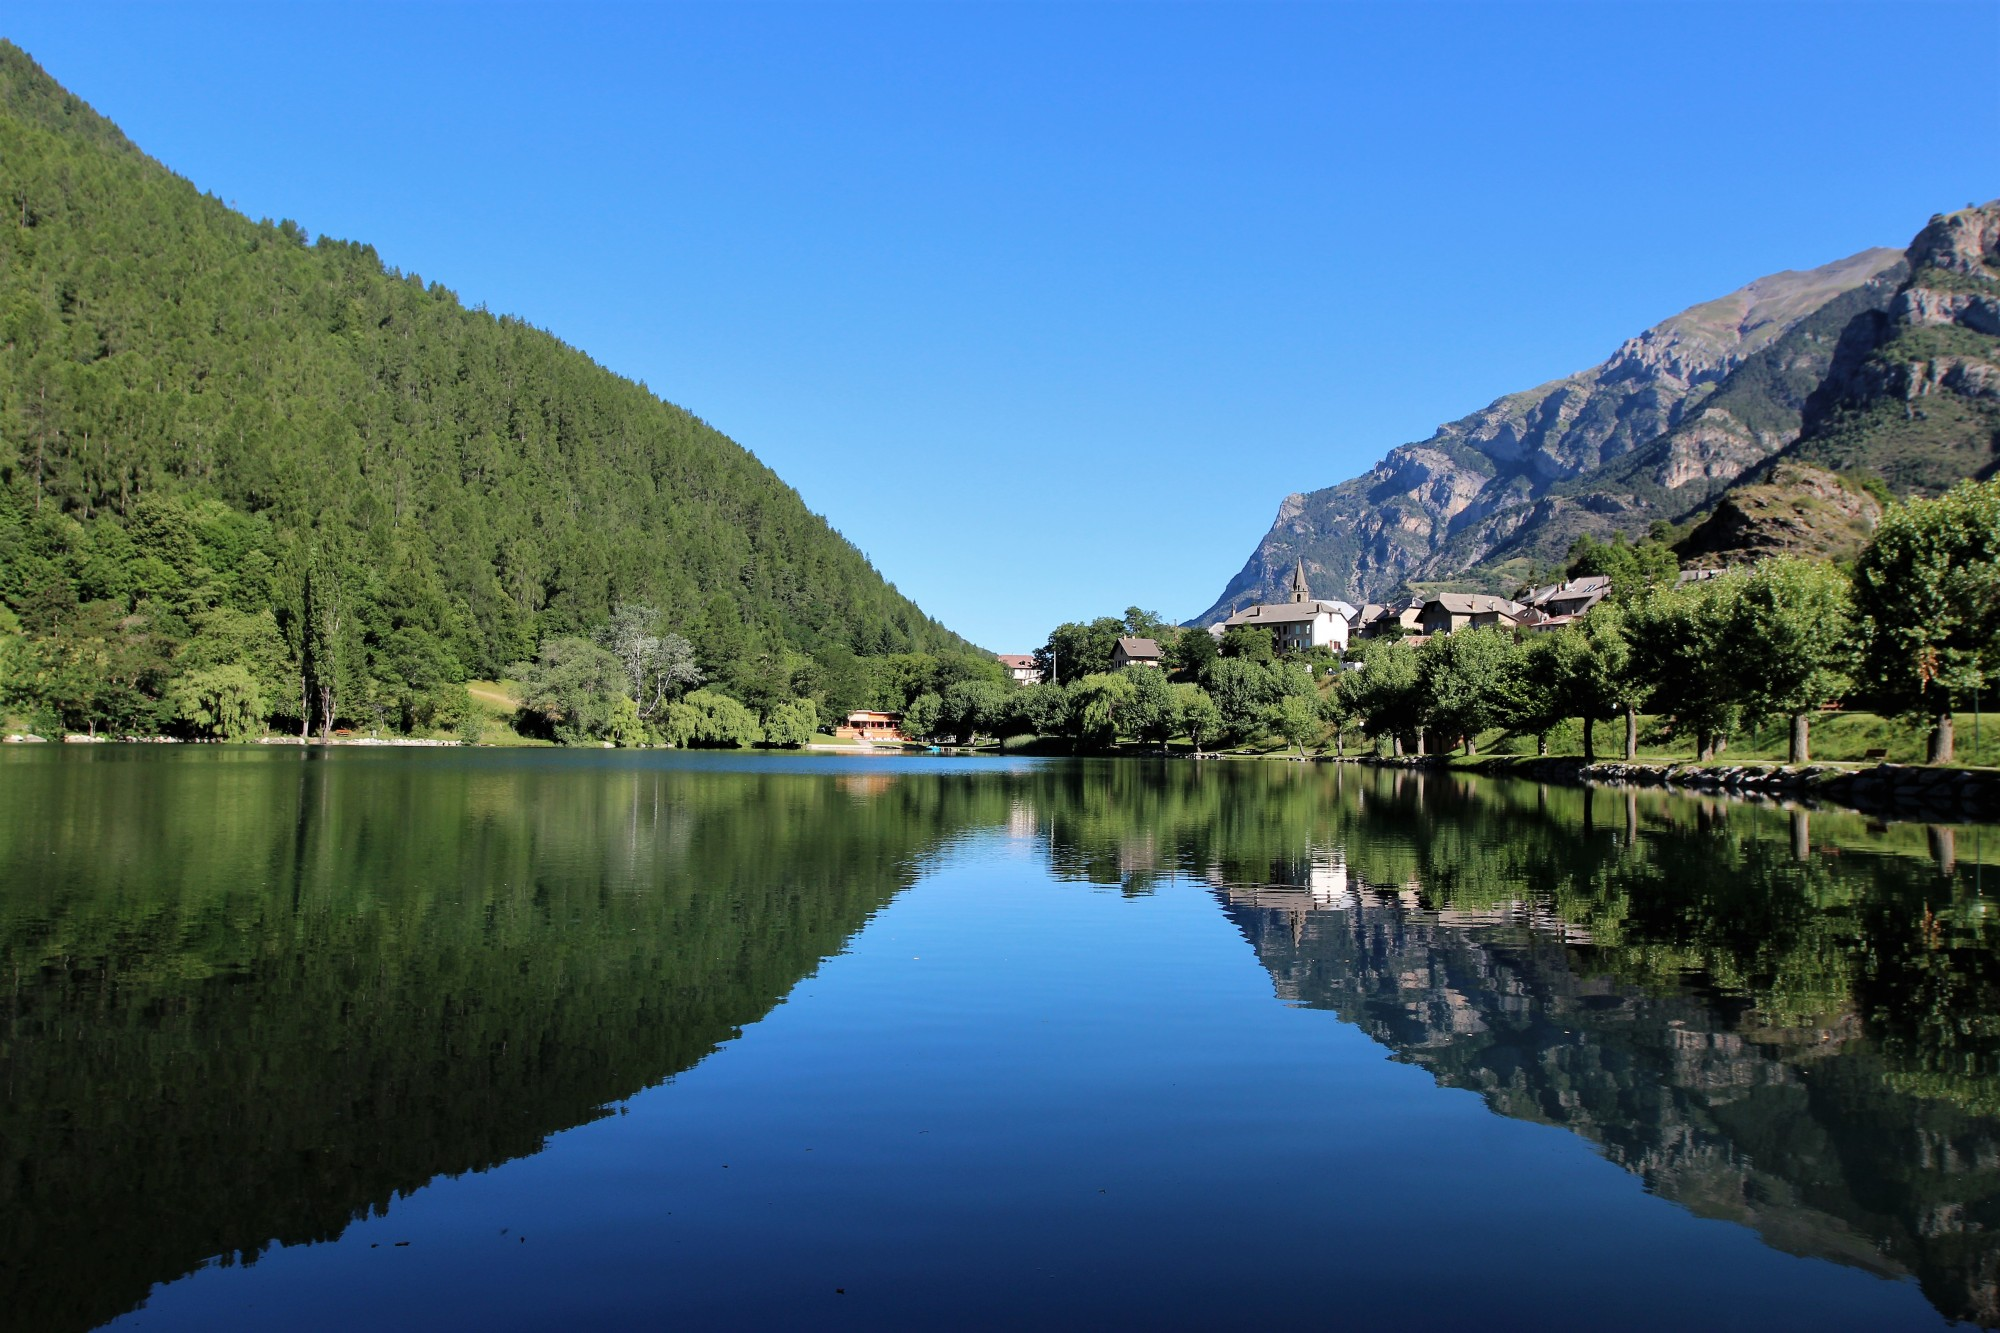 lac de montagne des alpes